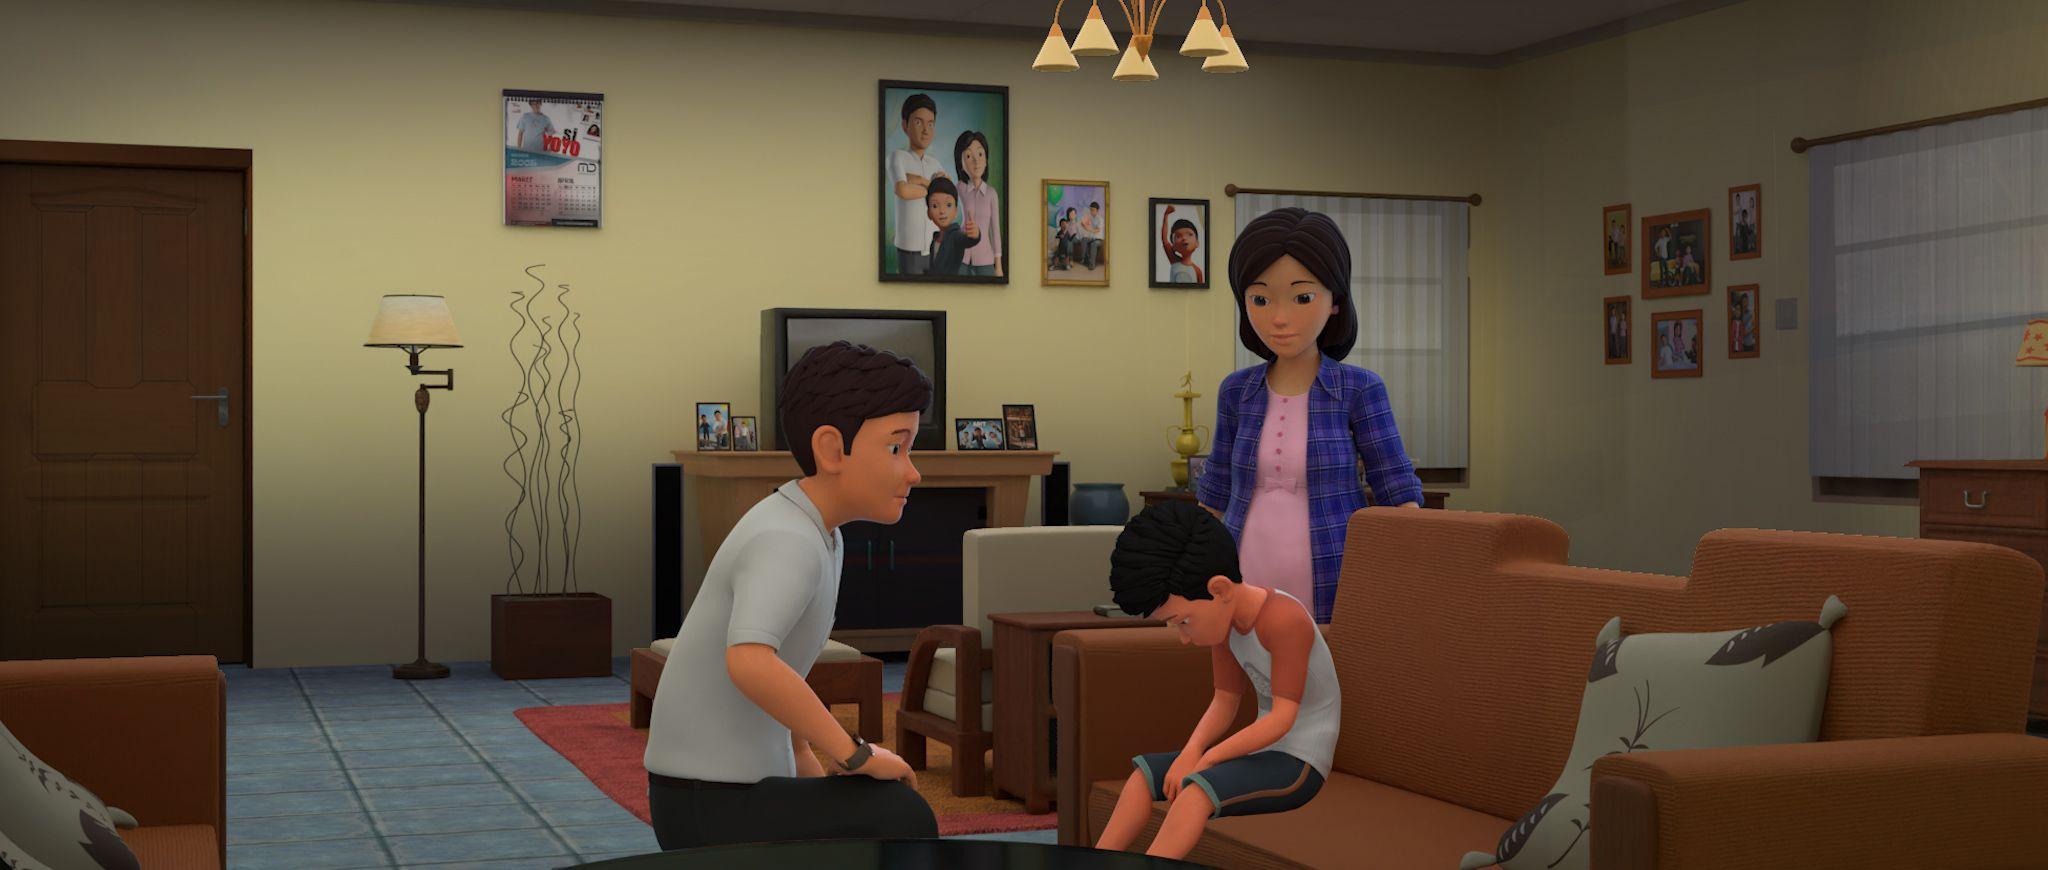 Popbela's Binge Watch: Tayangan Animasi Keluarga Karya Anak Bangsa